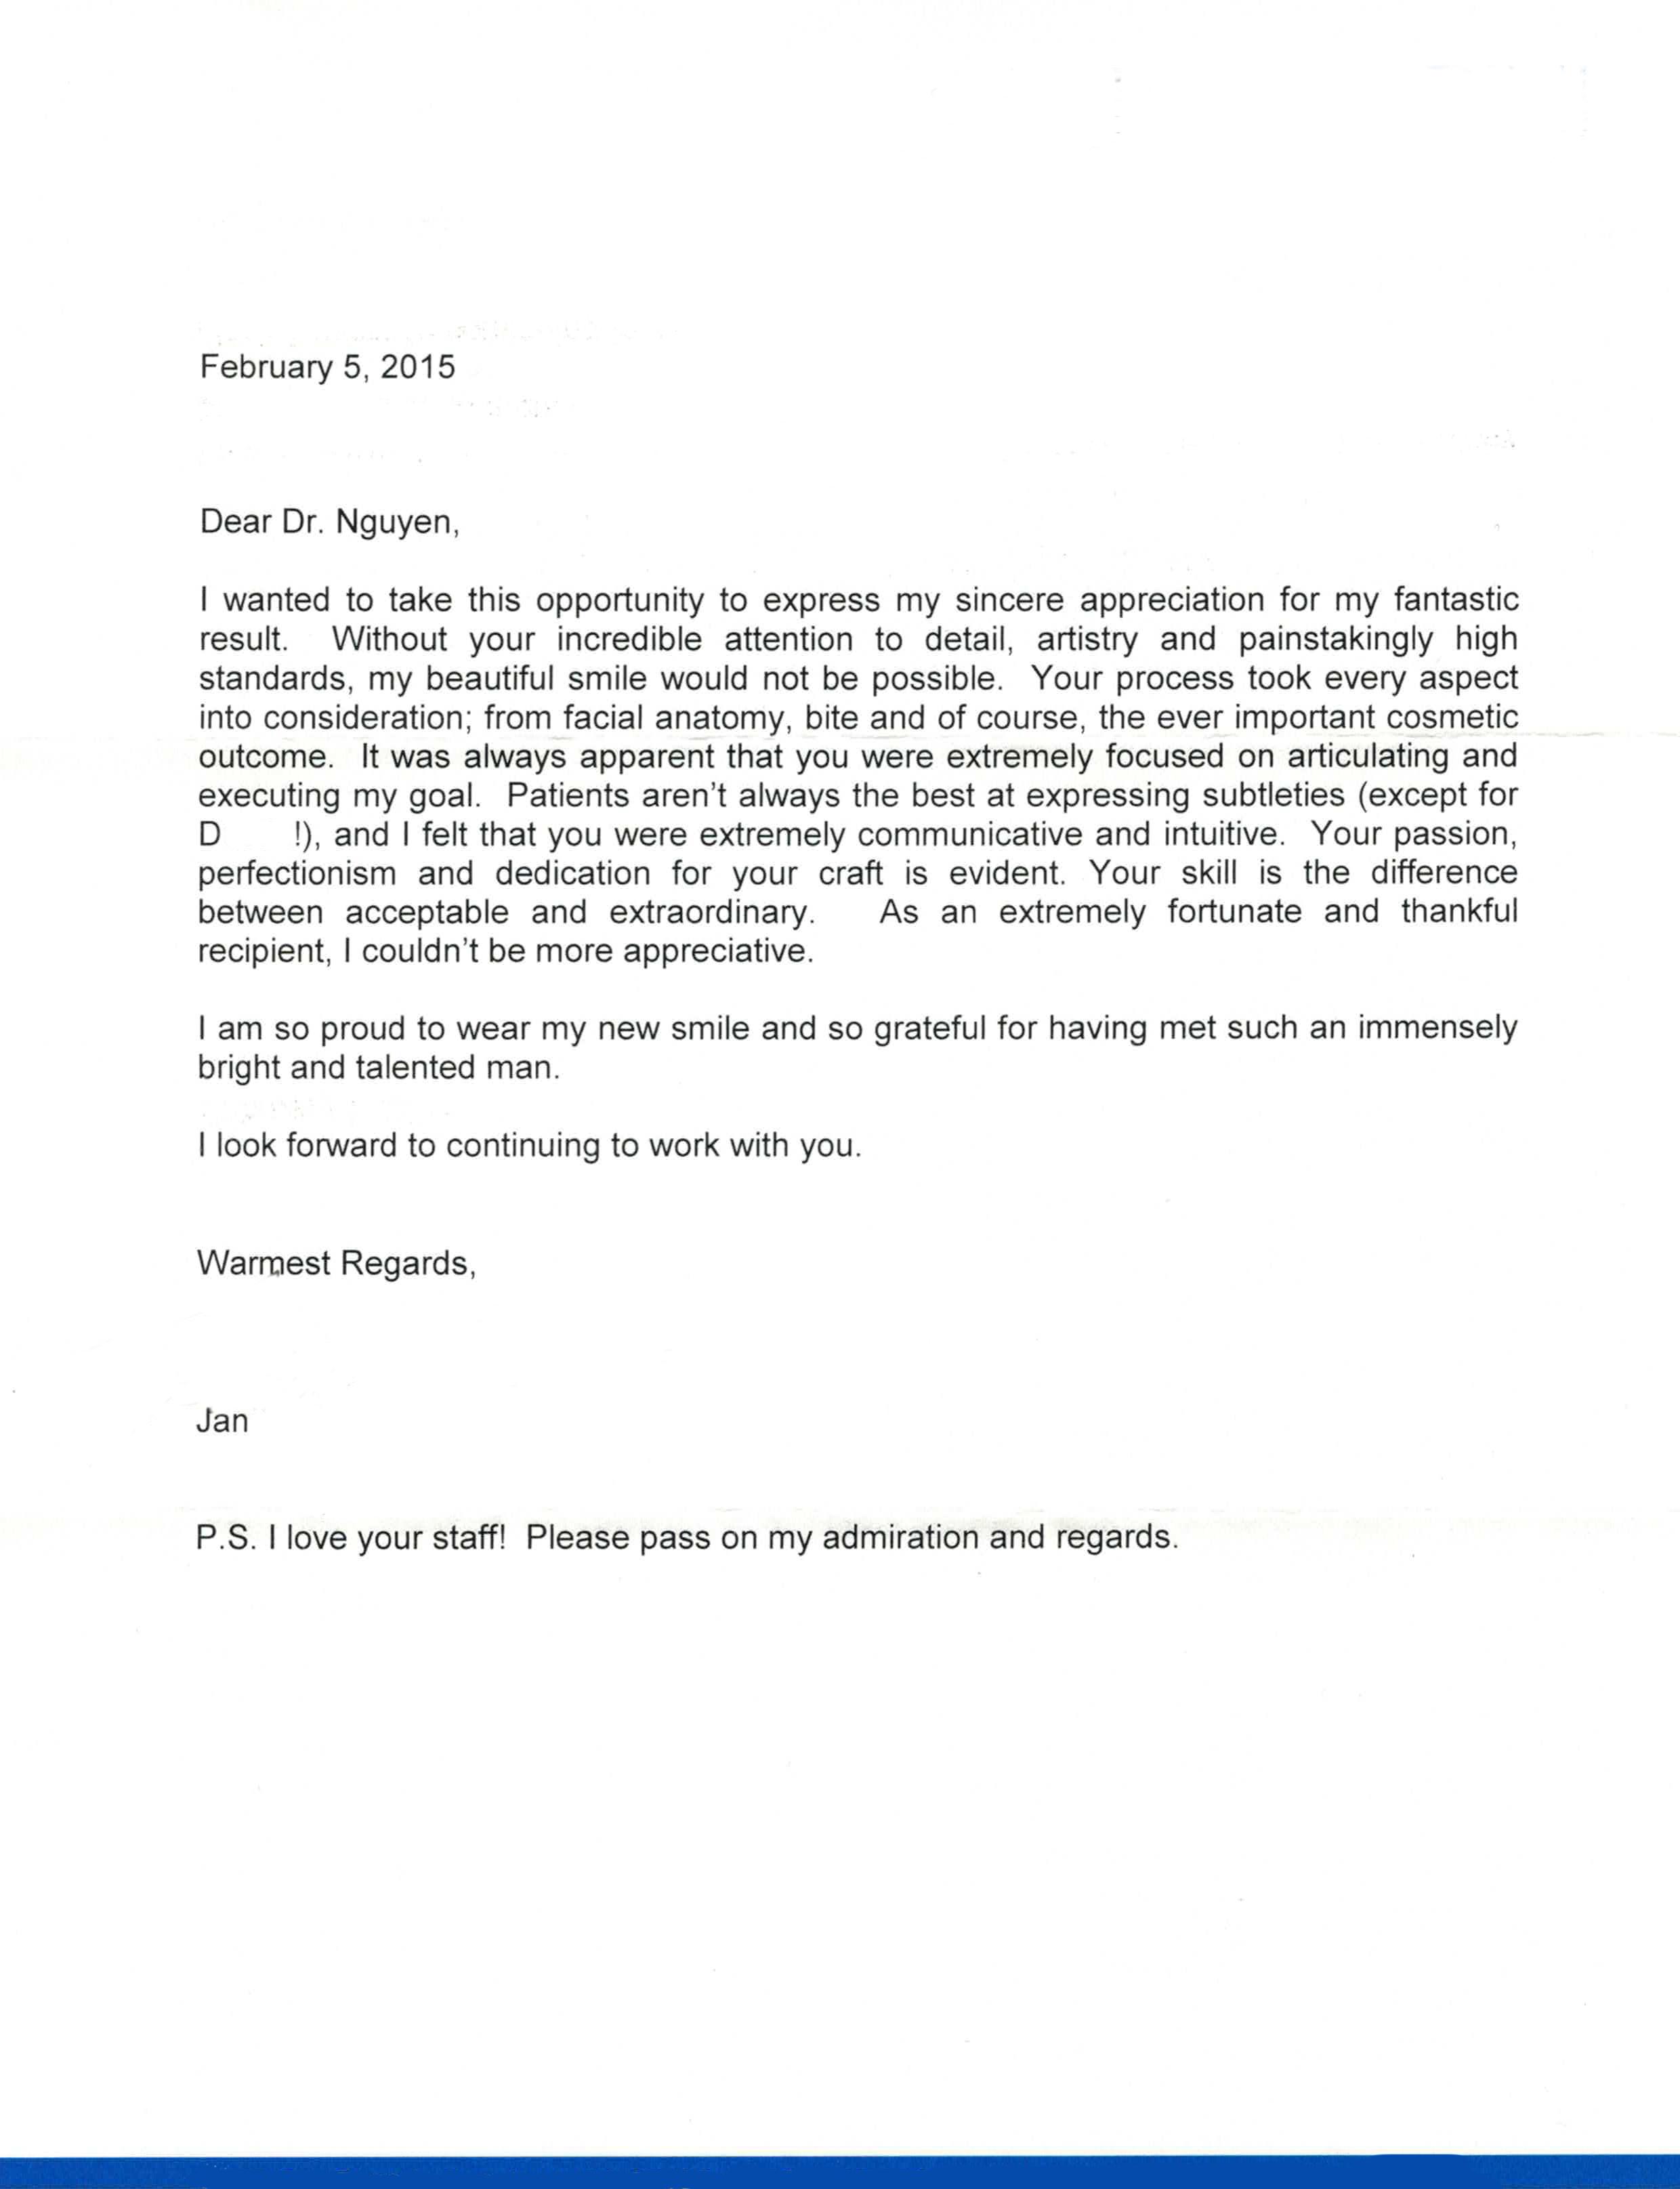 Alex Nguyen, DDS - Actual Patient Testimonial